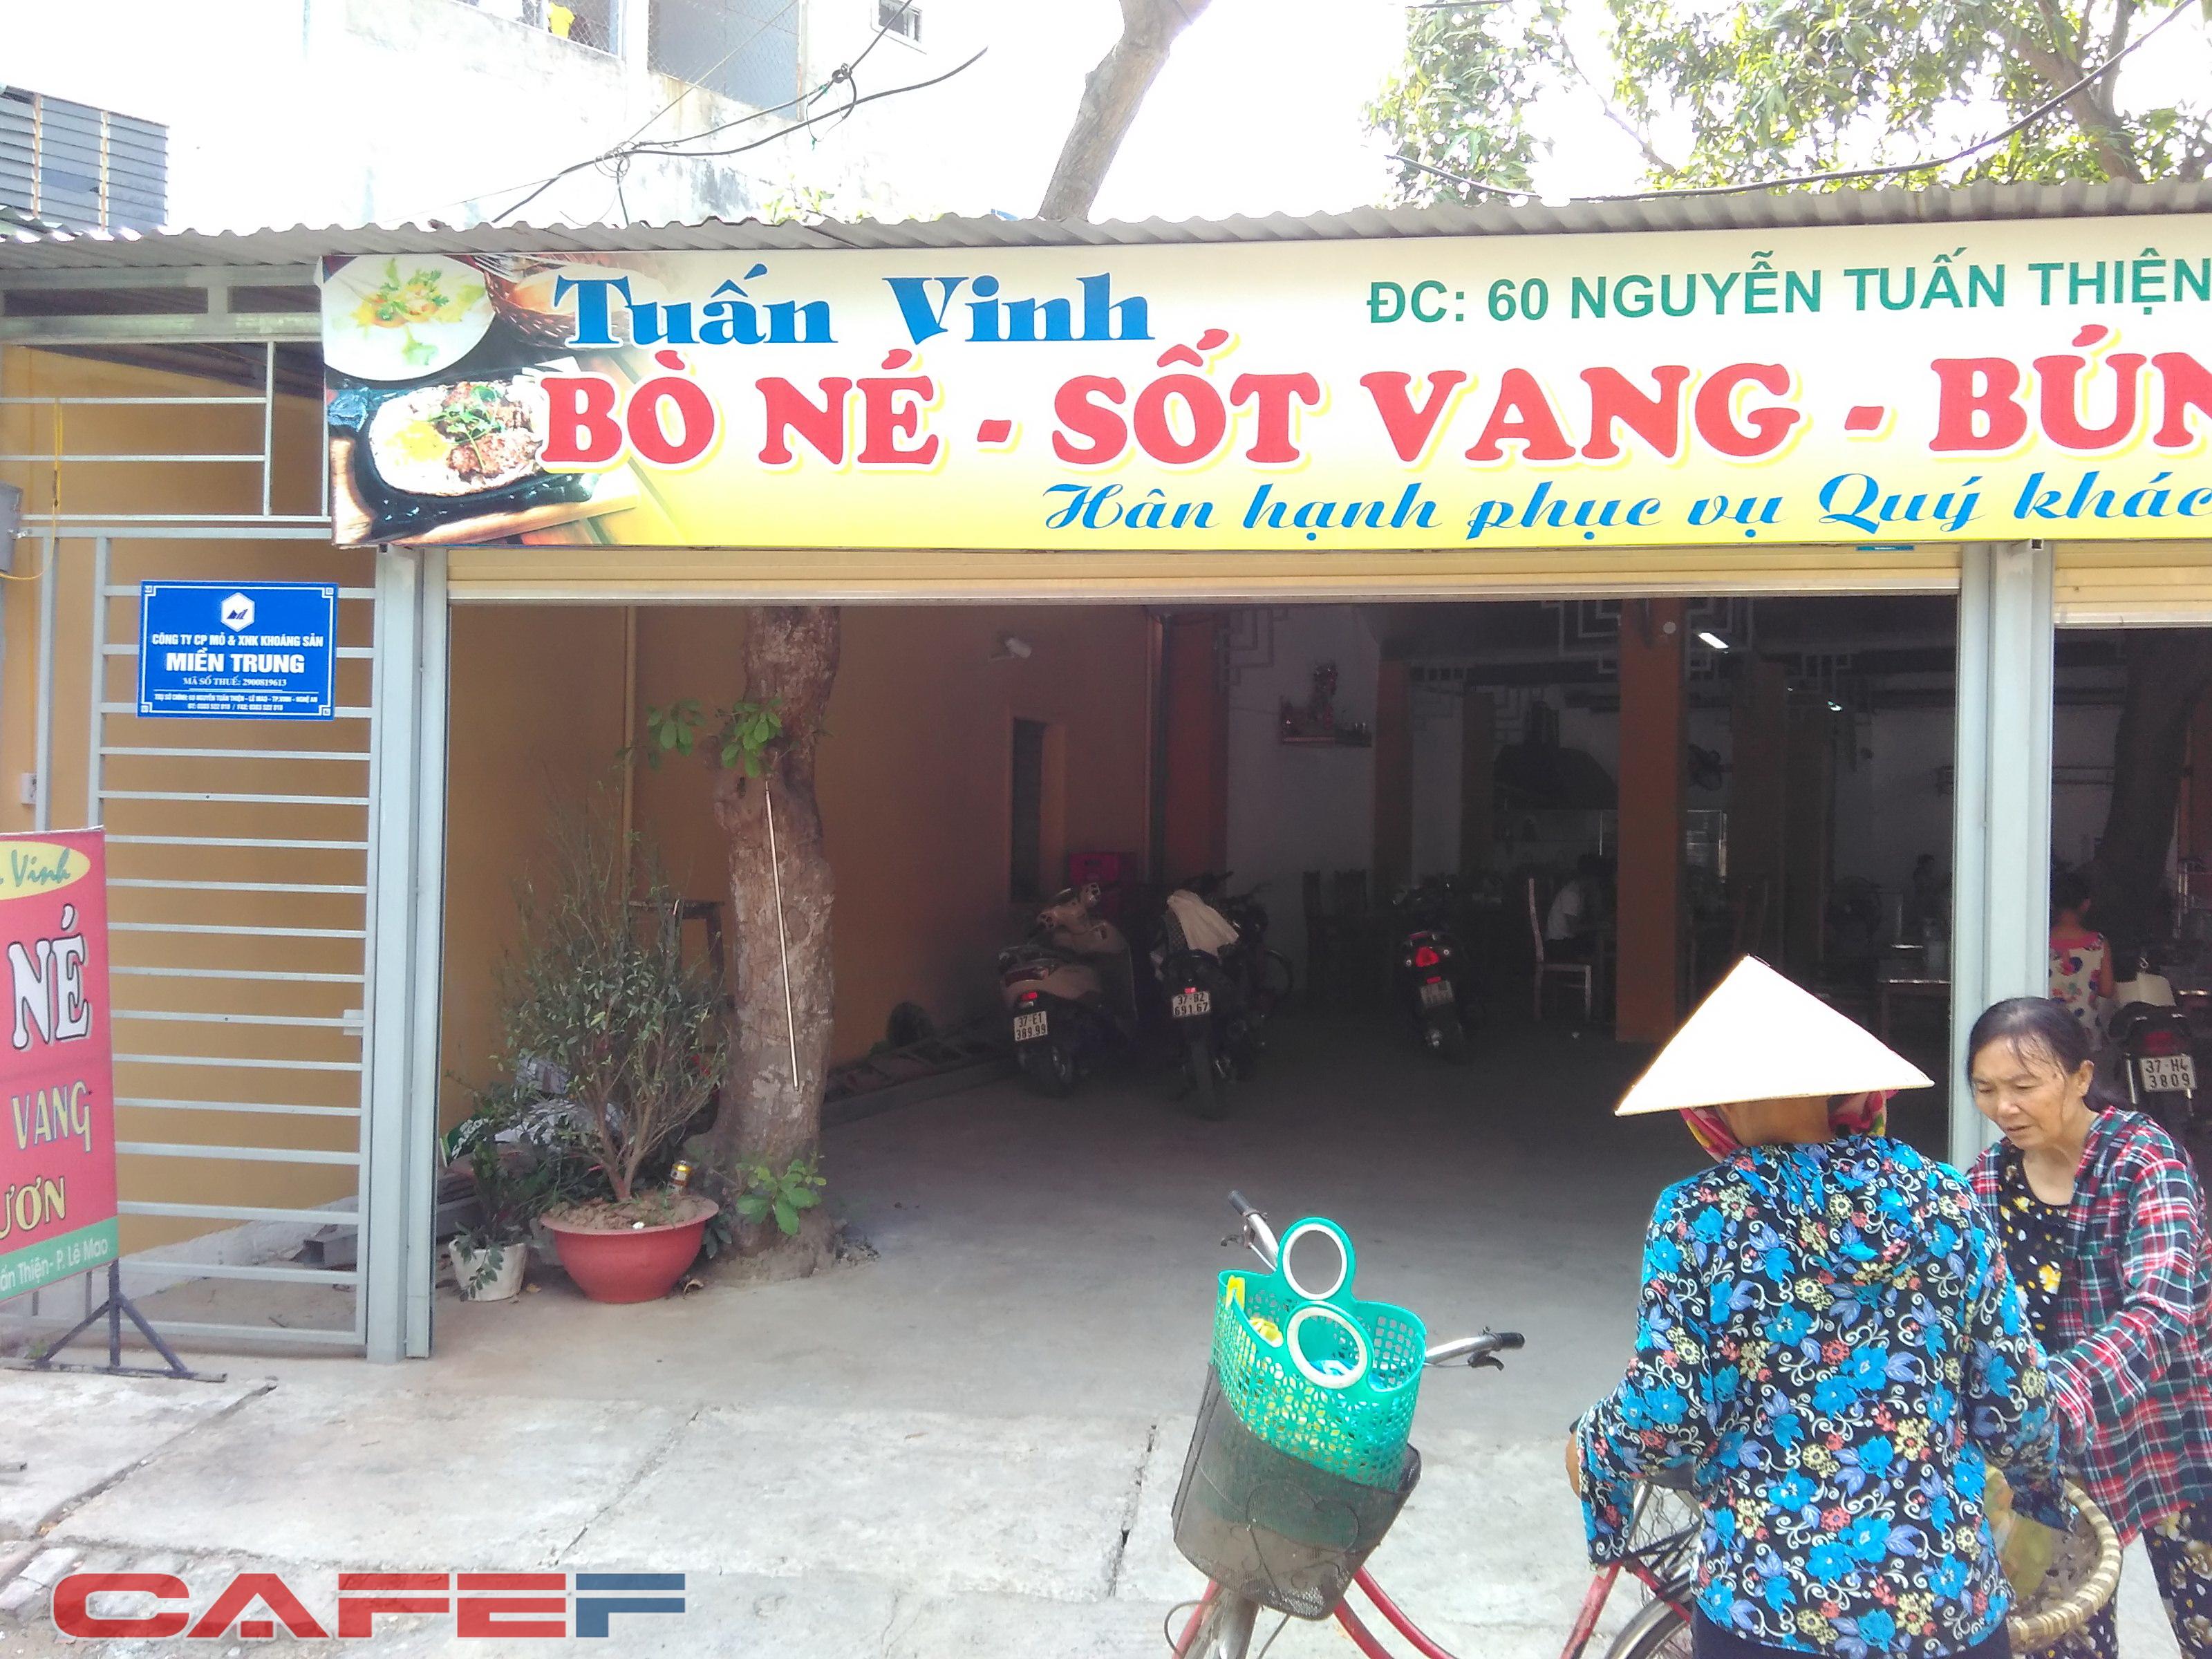 Địa chỉ công ty tại số 60 Nguyễn Tuấn Thiện bị che mờ bởi quán ẩm thực